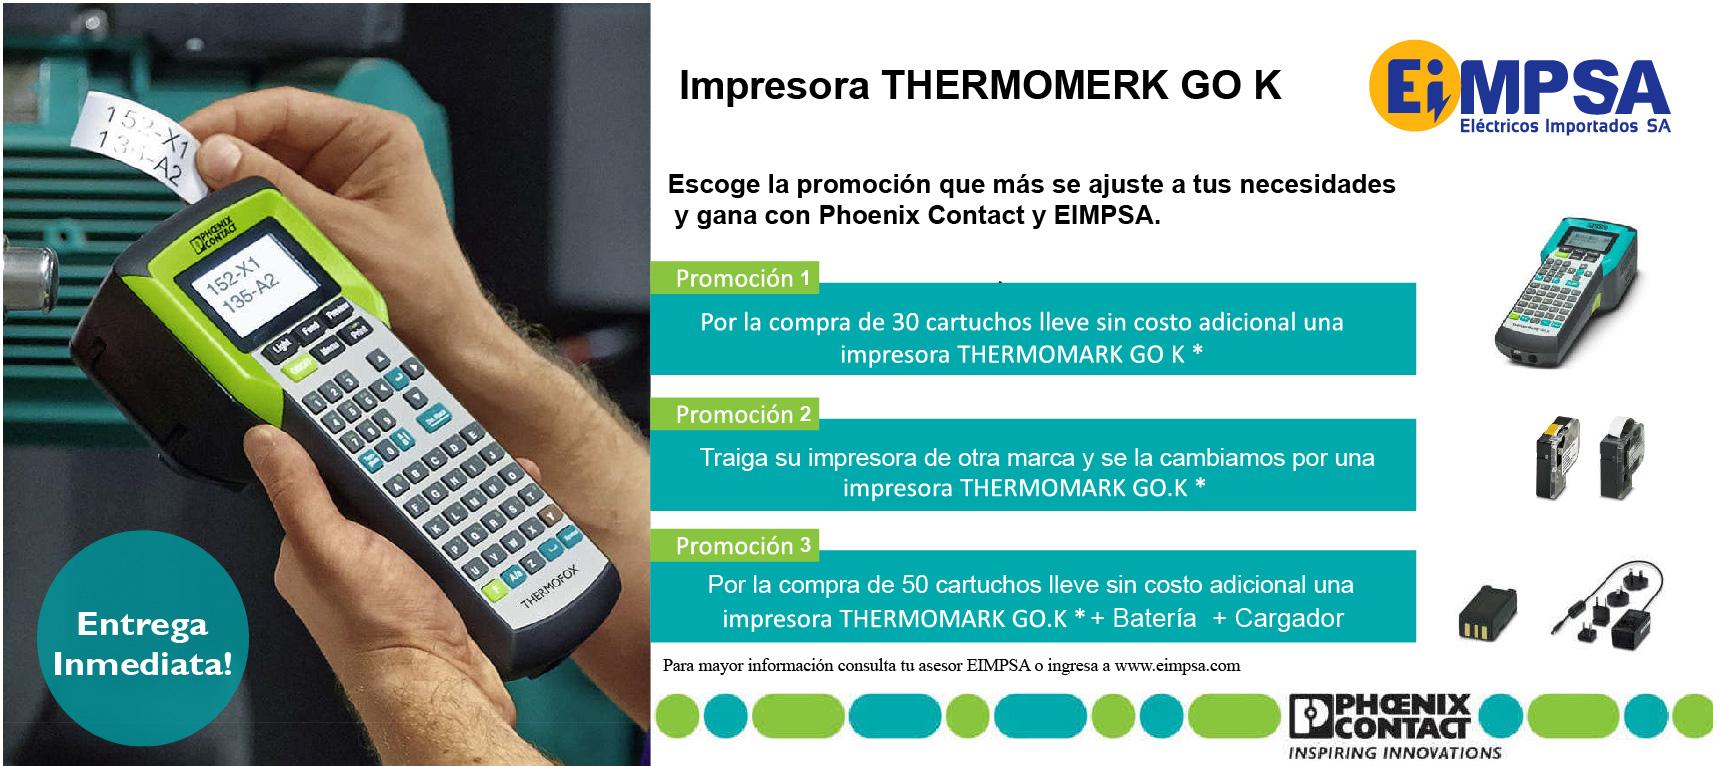 Impresoras Phoenix Contact BANNER 3PROMOCIONES-11